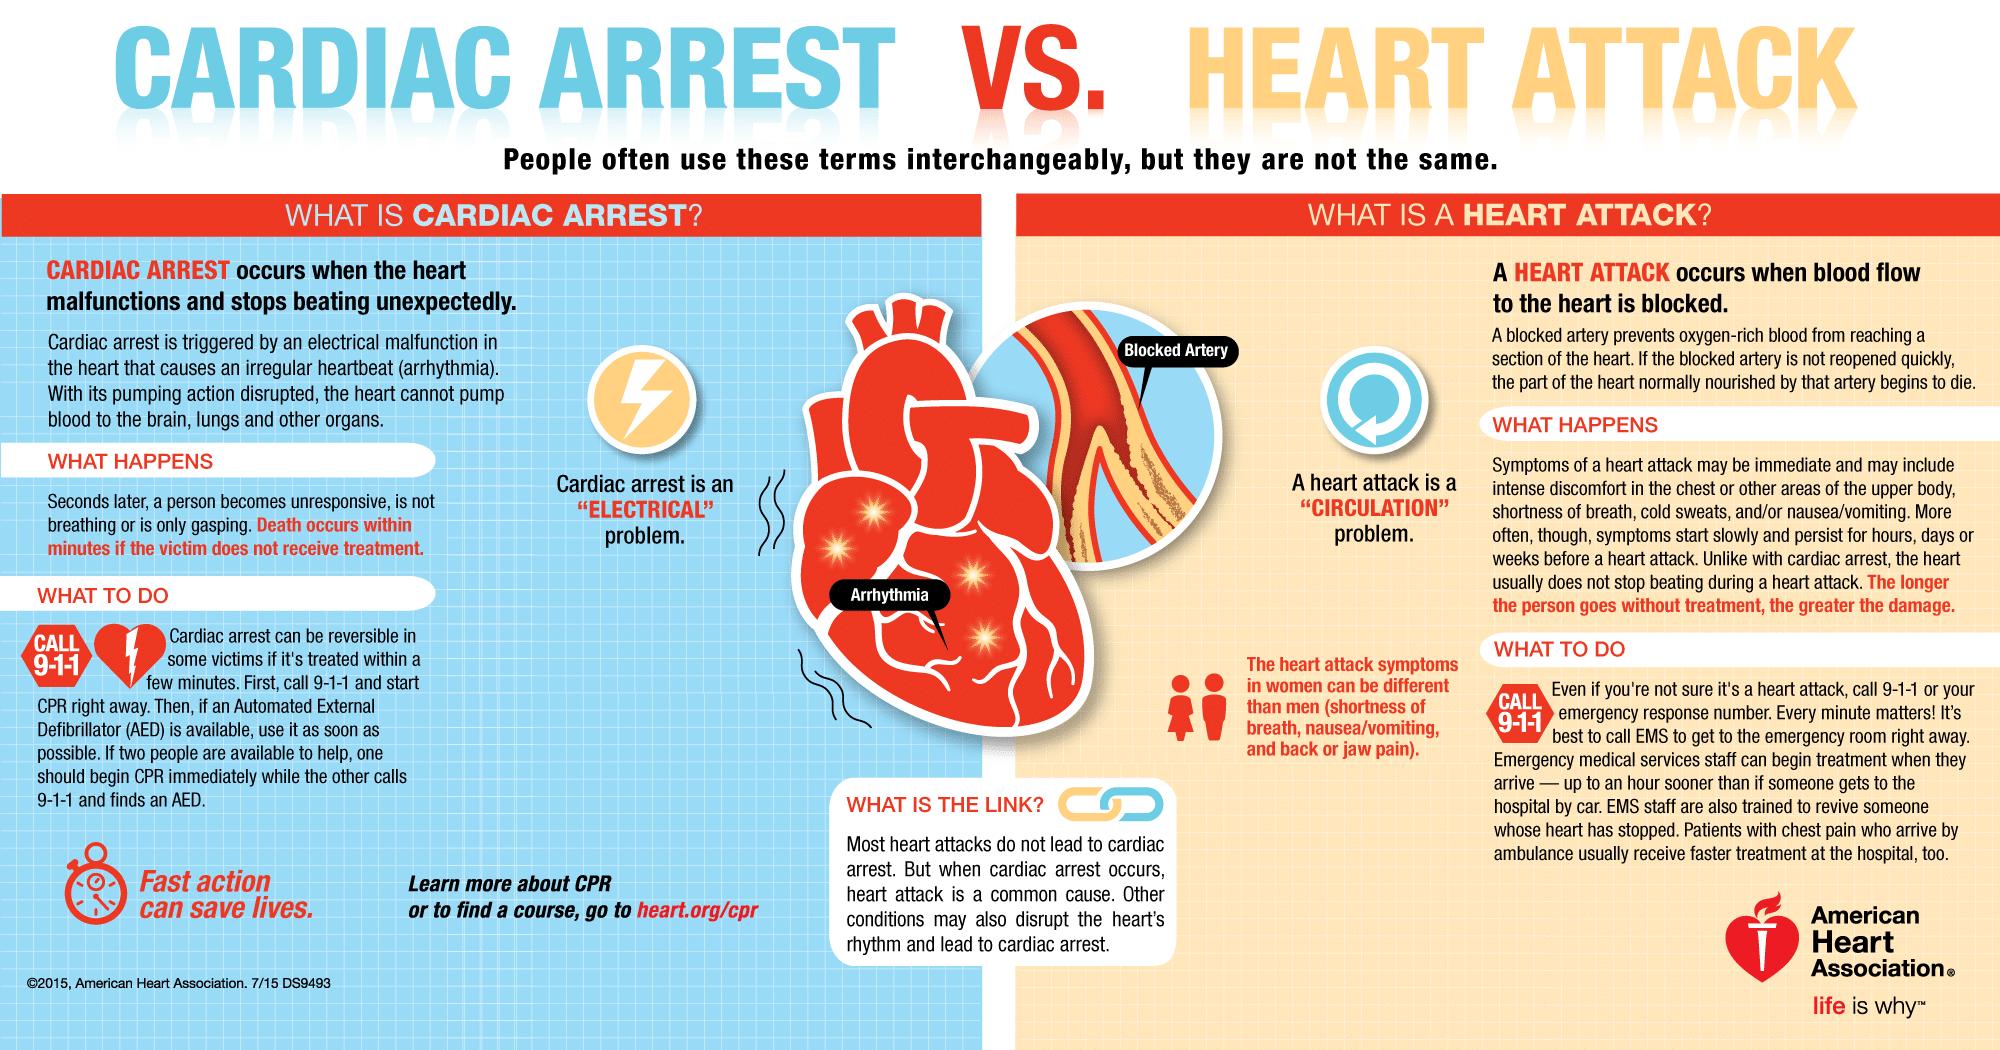 cardiac arrest vs heart attack graphic